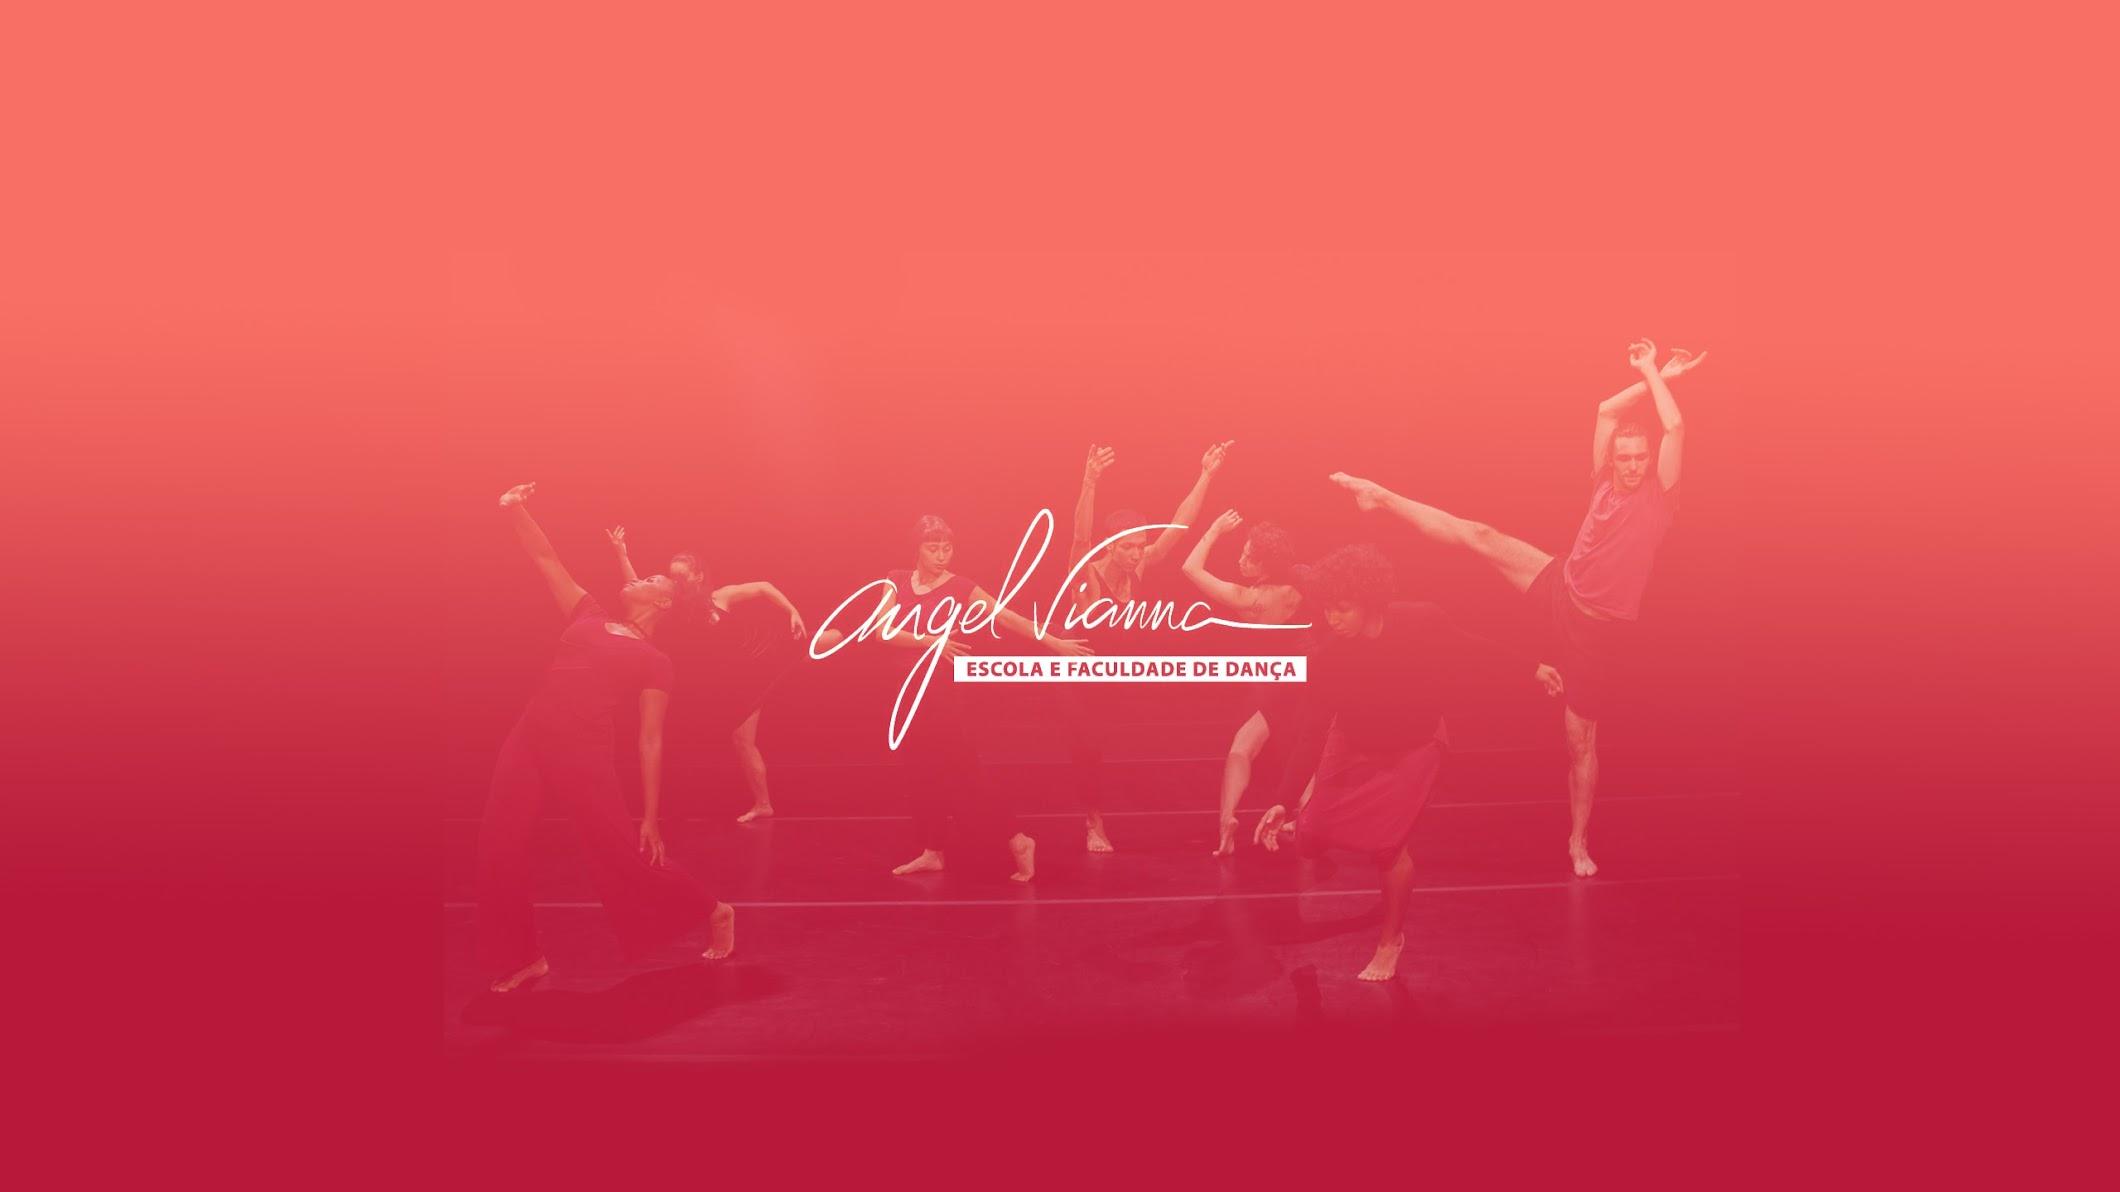 Angel Vianna – Escola e Faculdade de Dança